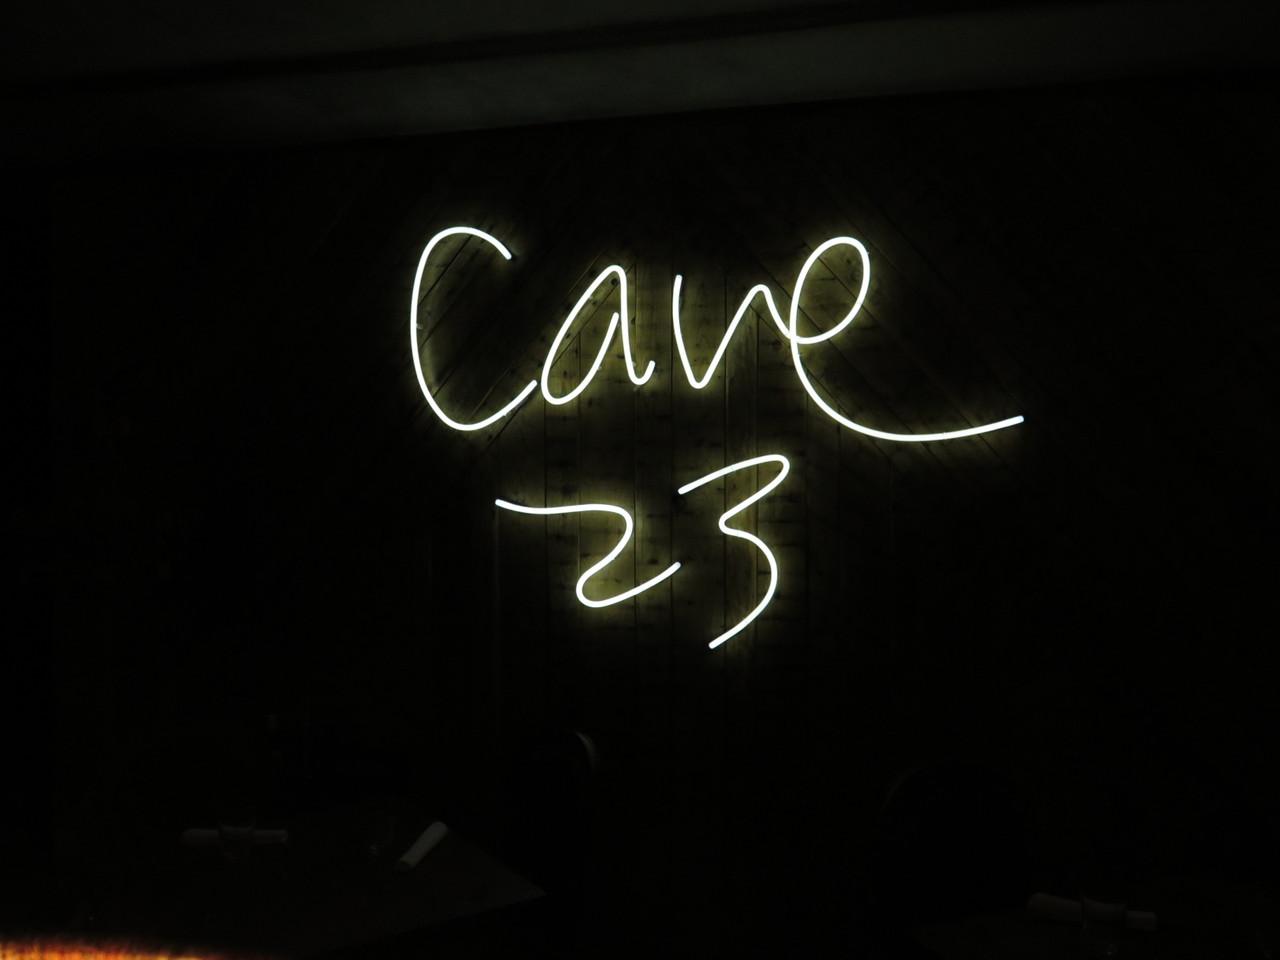 CAVE 23, o restaurante de Ana Moura